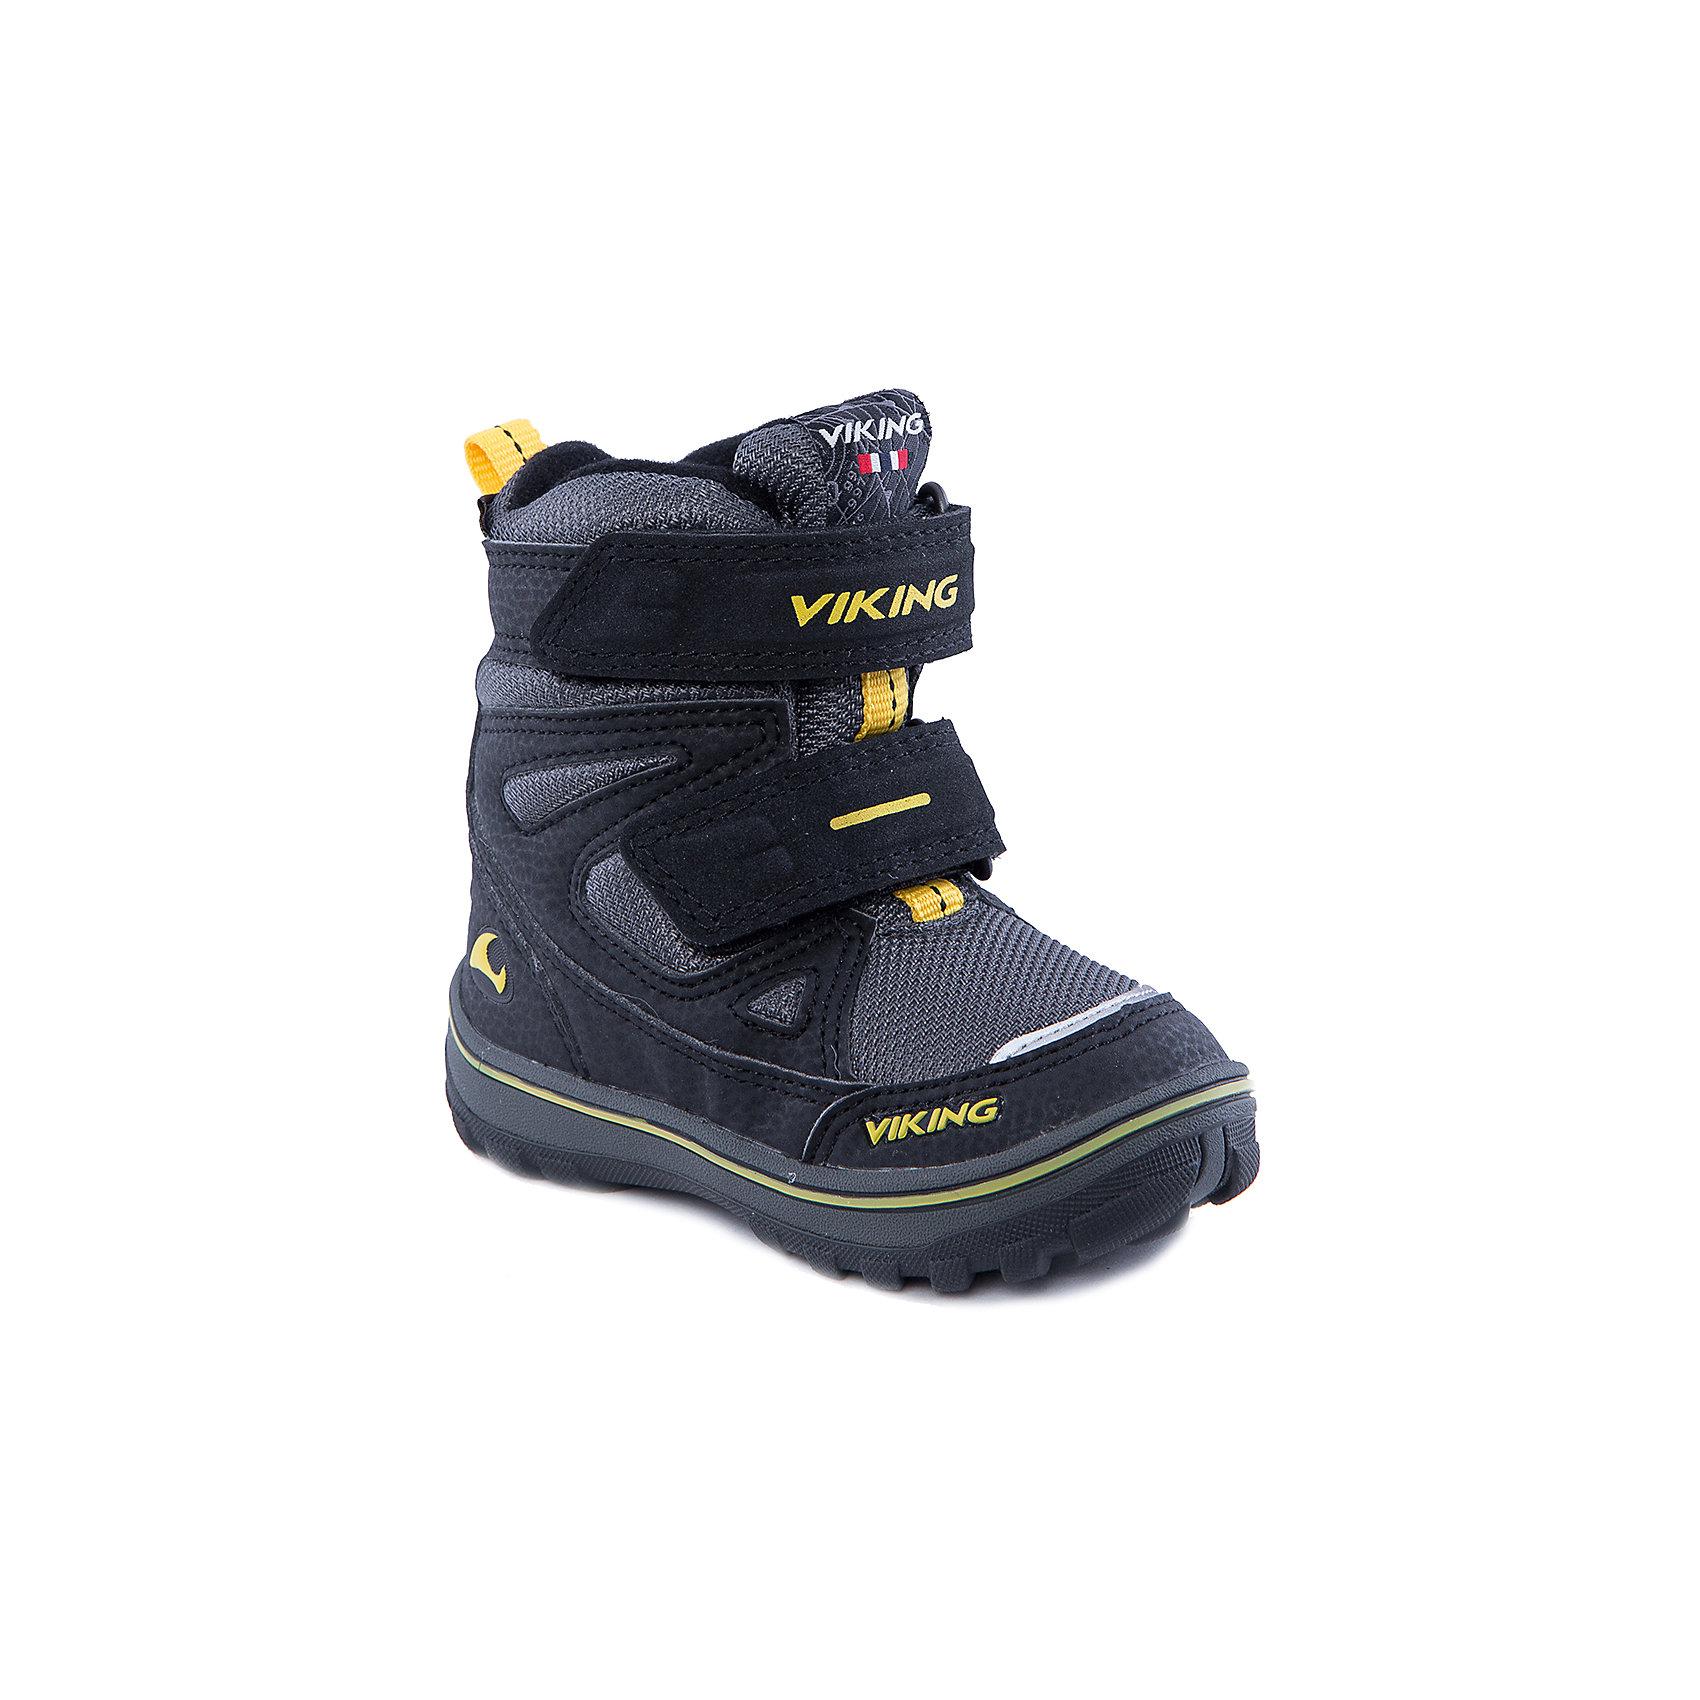 Ботинки для мальчика VIKINGБотинки для мальчика от популярной марки VIKING <br><br>Удобные и стильные зимние ботинки сделаны по уникальной технологии. <br>Производитель обуви VIKING разработал специальную  высокотехнологичную мембрану GORE-TEX. Она добавляется в подкладку обуви и позволяют ногам оставаться сухими и теплыми. Мембрана активно отводит влагу наружу, и не дает жидкости проникать внутрь. Мембрана GORE-TEX не создает препятствий для воздуха, обеспечивая комфортные условия для детских ножек.<br><br>Отличительные особенности модели:<br><br>- цвет: черный;<br>- гибкая нескользящая подошва;<br>- утепленная стелька;<br>- небольшой вес;<br>- усиленный носок и задник;<br>- эргономичная форма;<br>- мембрана GORE-TEX;<br>- специальная колодка для поддержания правильного положения стопы;<br>- соединенный с ботинком язычок, не дающий снегу попасть внутрь;<br>- удобный супинатор;<br>- застежки-липучки.<br><br>Дополнительная информация:<br><br>- Температурный режим: от - 30° С  до -0° С.<br><br>- Состав:<br><br>материал верха: синтетический материал, текстиль<br>материал подкладки: 80% шерсть, 20% полиэстер, мембрана GORE-TEX<br>подошва: резина<br><br>Ботинки для мальчика VIKING (Викинг) можно купить в нашем магазине.<br><br>Ширина мм: 262<br>Глубина мм: 176<br>Высота мм: 97<br>Вес г: 427<br>Цвет: черный<br>Возраст от месяцев: 18<br>Возраст до месяцев: 21<br>Пол: Мужской<br>Возраст: Детский<br>Размер: 21,23,25,27,26,30,28,29,22,24<br>SKU: 4279254